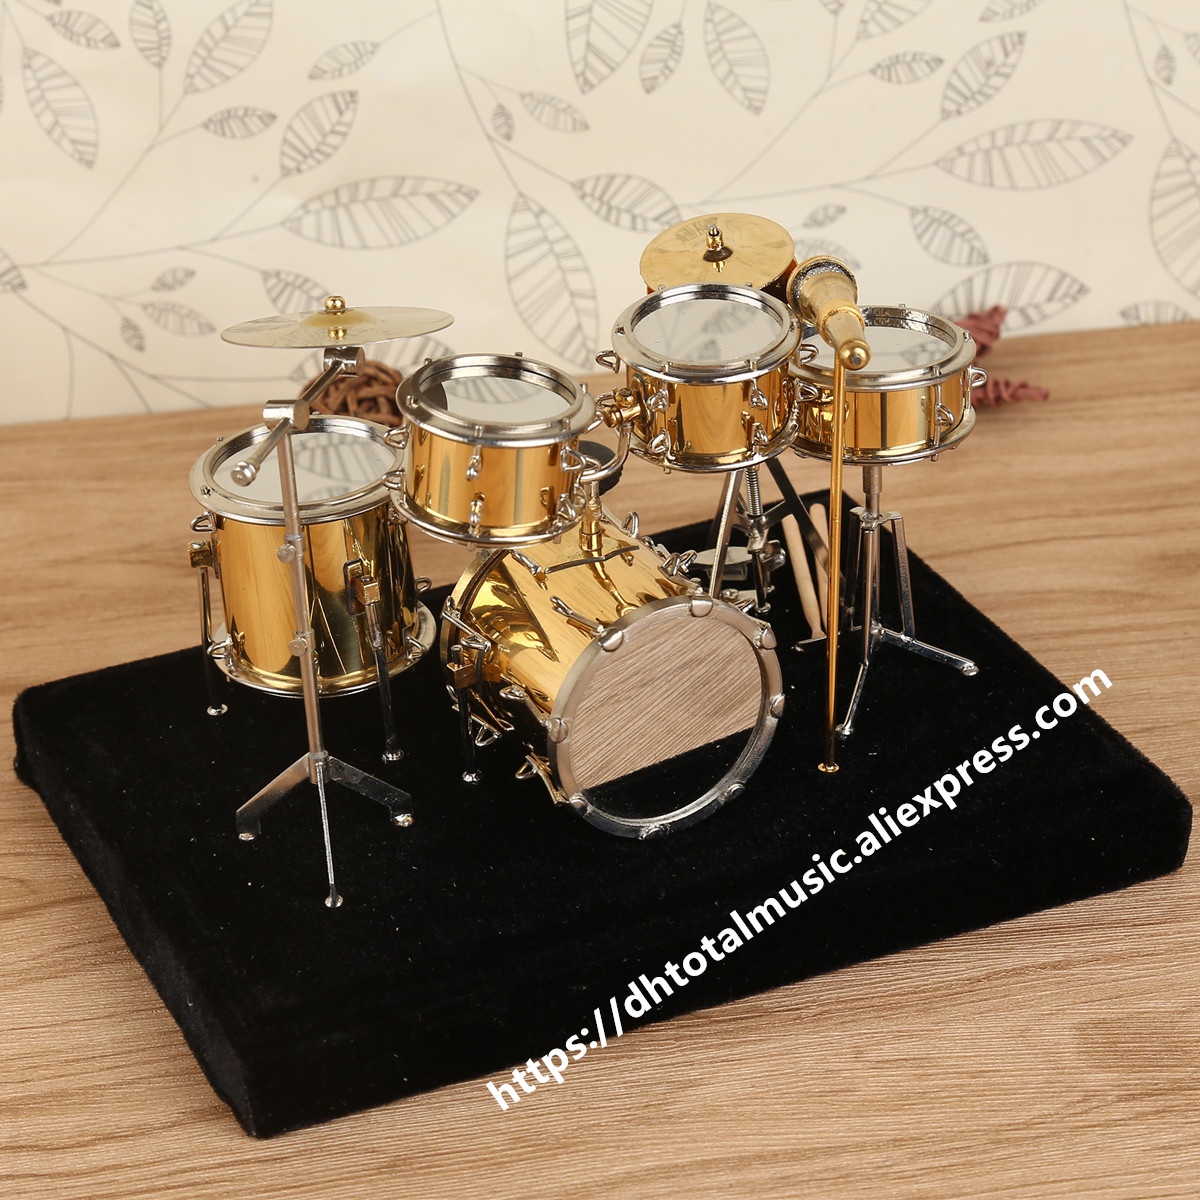 Ударная мини-установка Миниатюрная модель барабана, миниатюрная медная коллекция мини-музыкальных инструментов